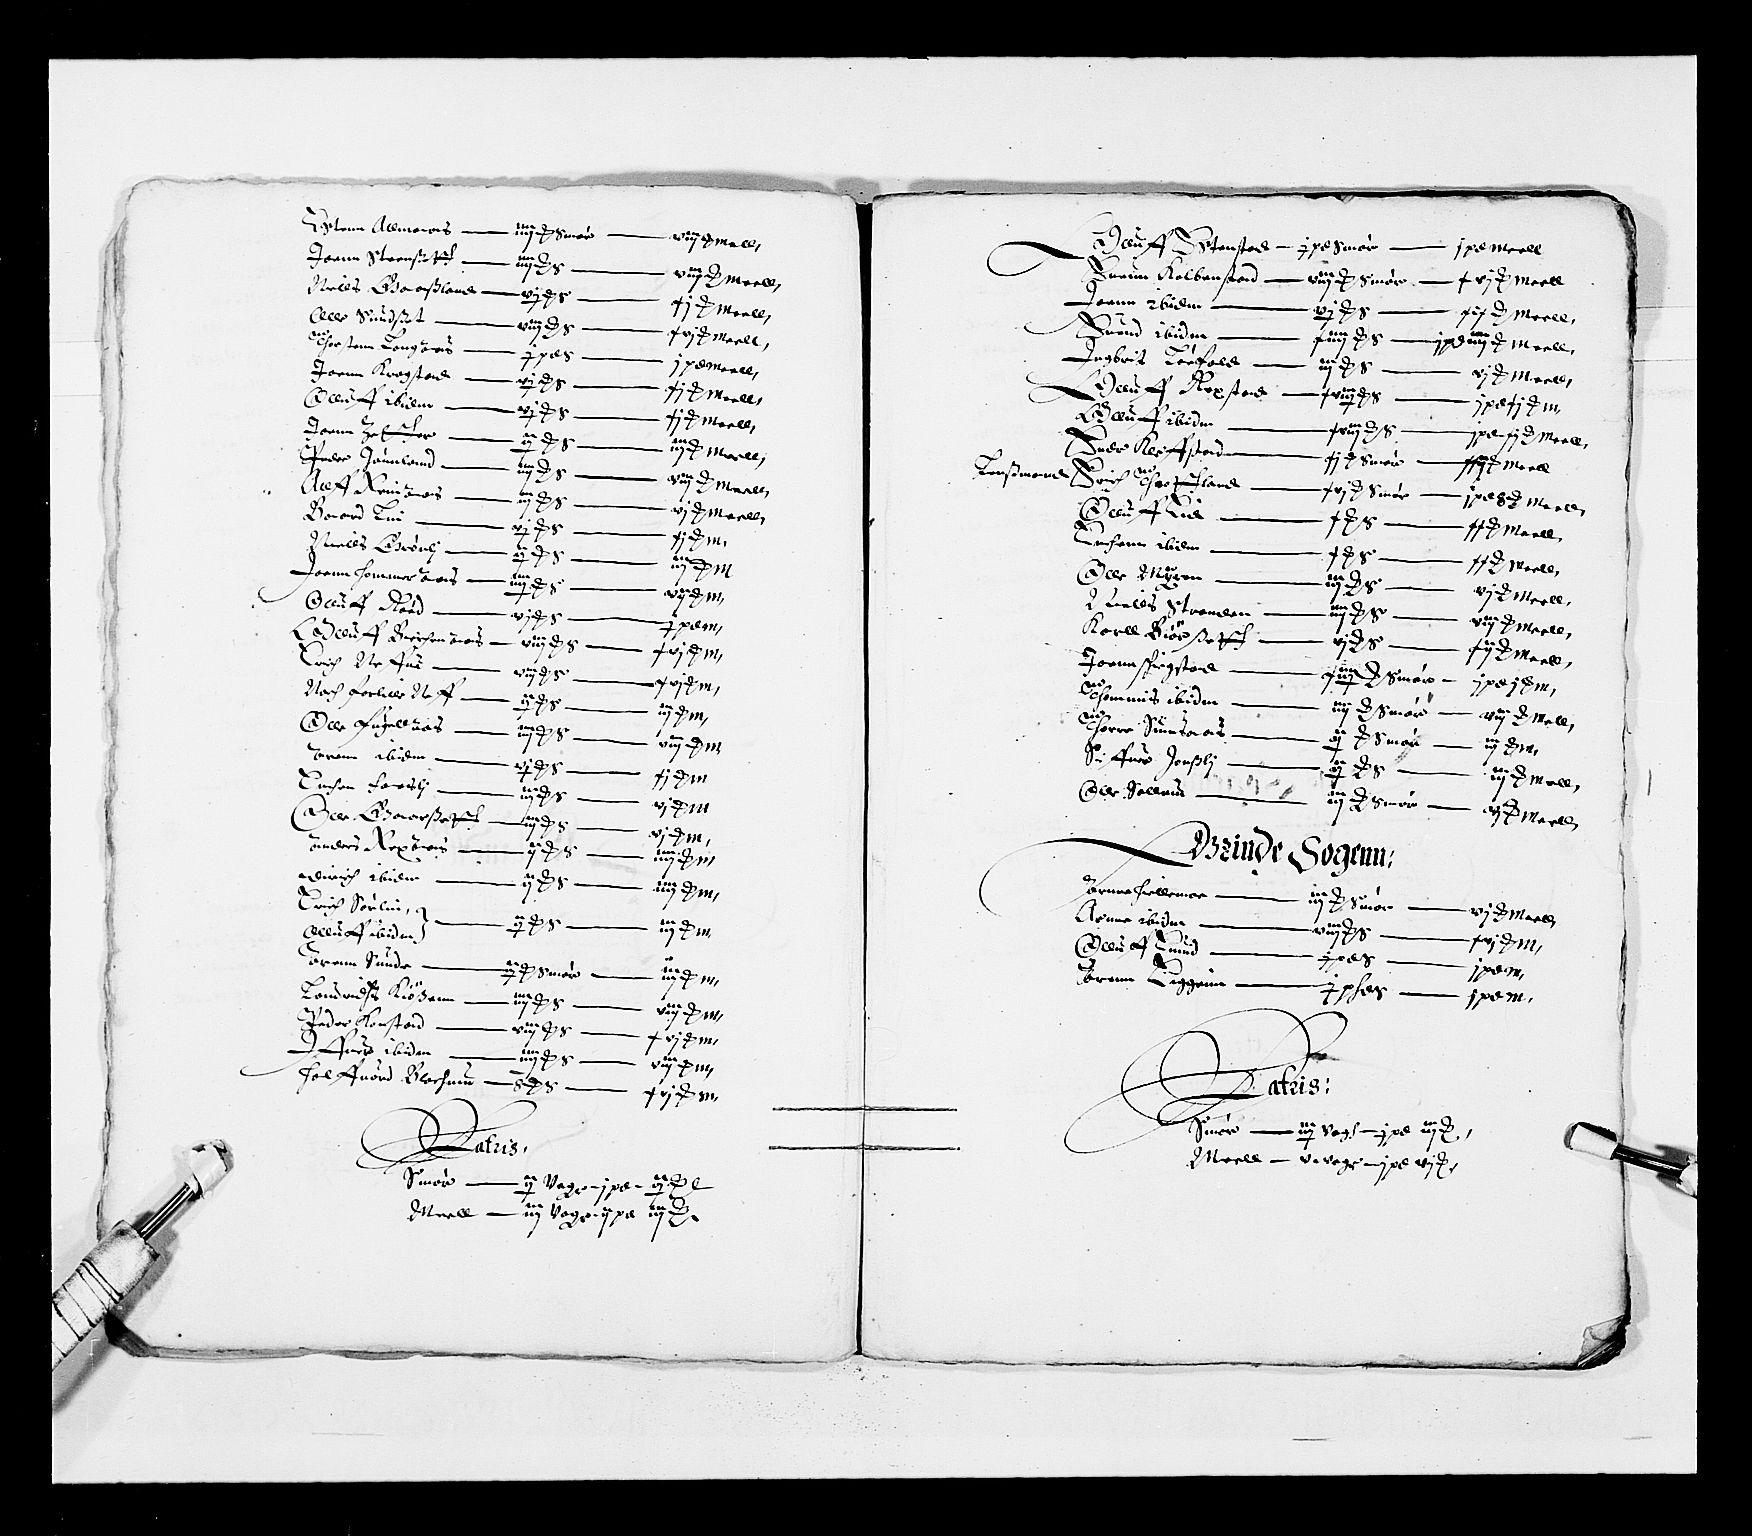 RA, Stattholderembetet 1572-1771, Ek/L0028: Jordebøker 1633-1658:, 1645-1646, s. 211